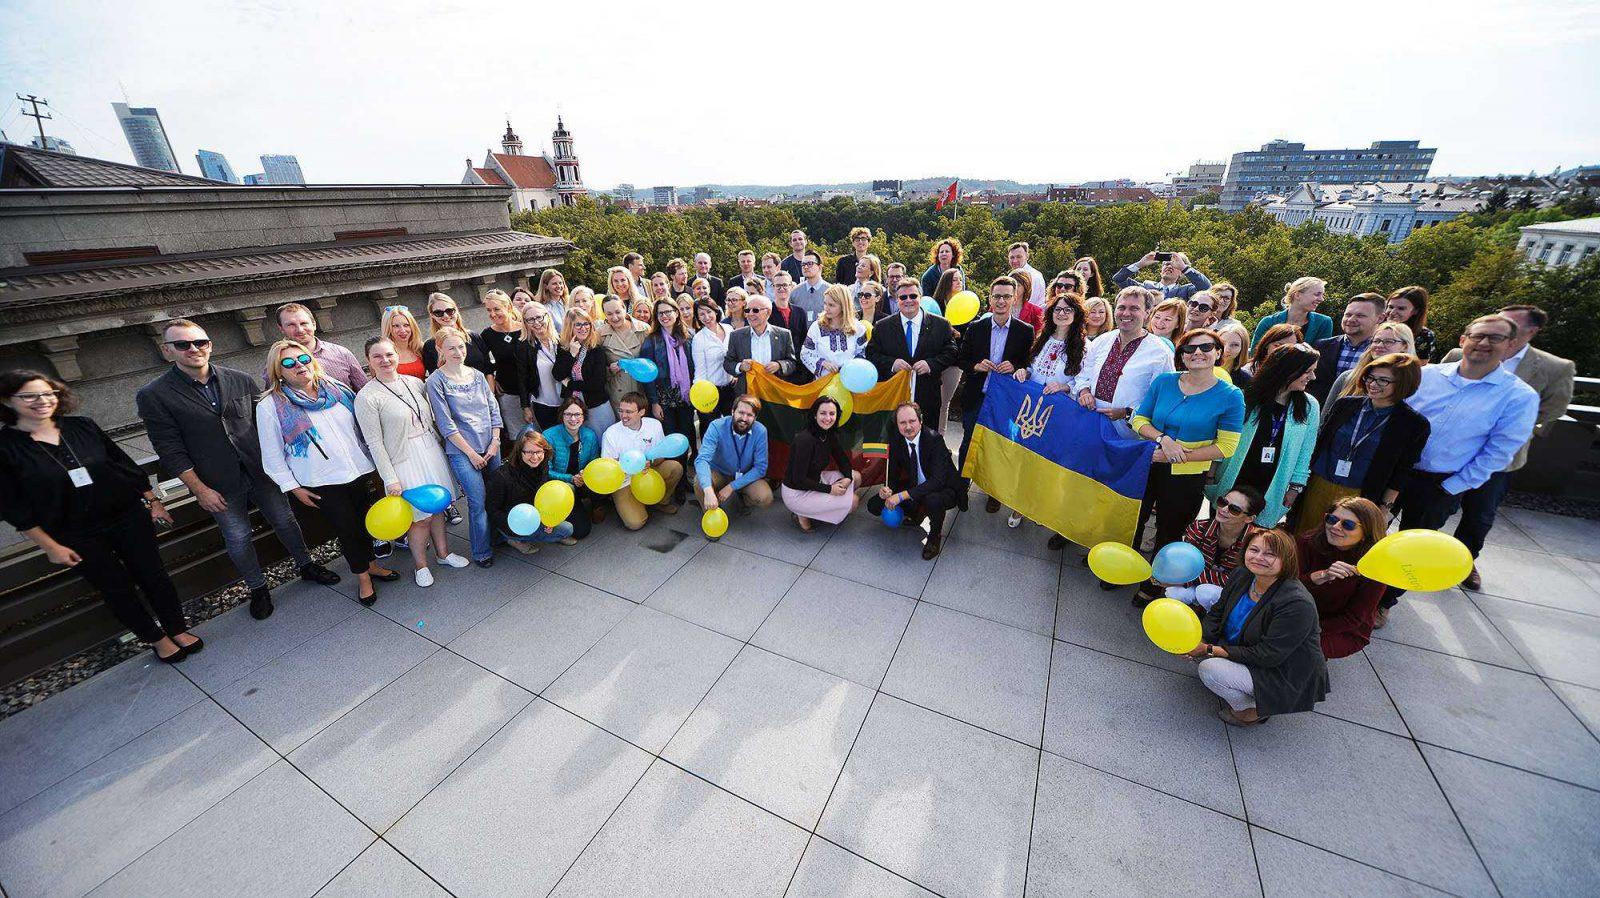 Lietuva sveikina Ukrainą Nepriklausomybės 25-mečio proga